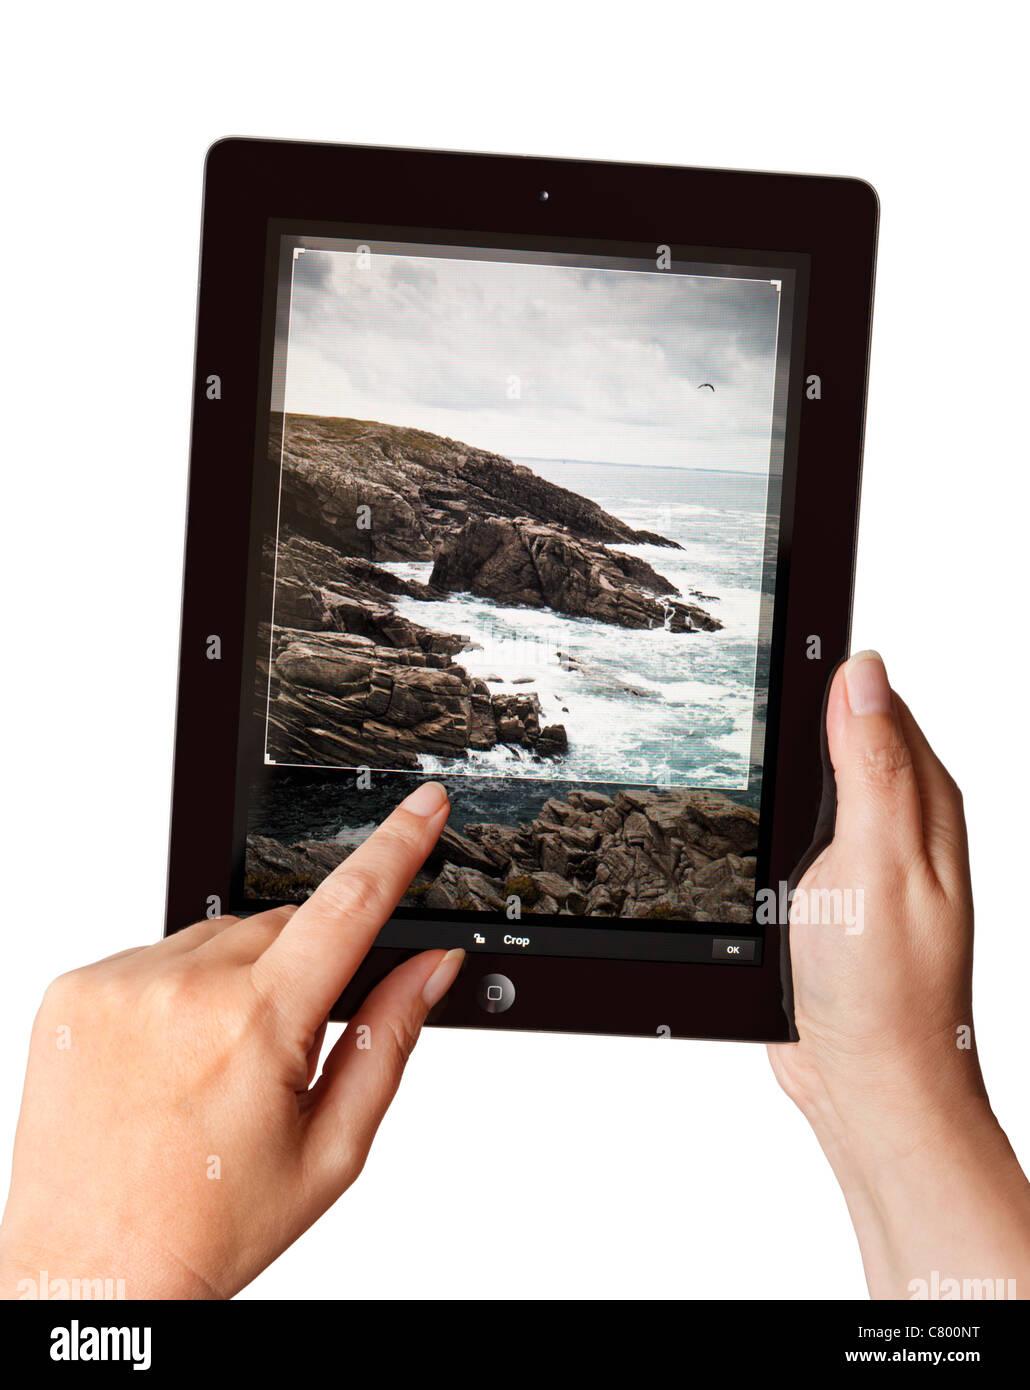 Hände halten ein iPad2 mit einem Photoshop-app ein Foto bearbeiten Stockbild